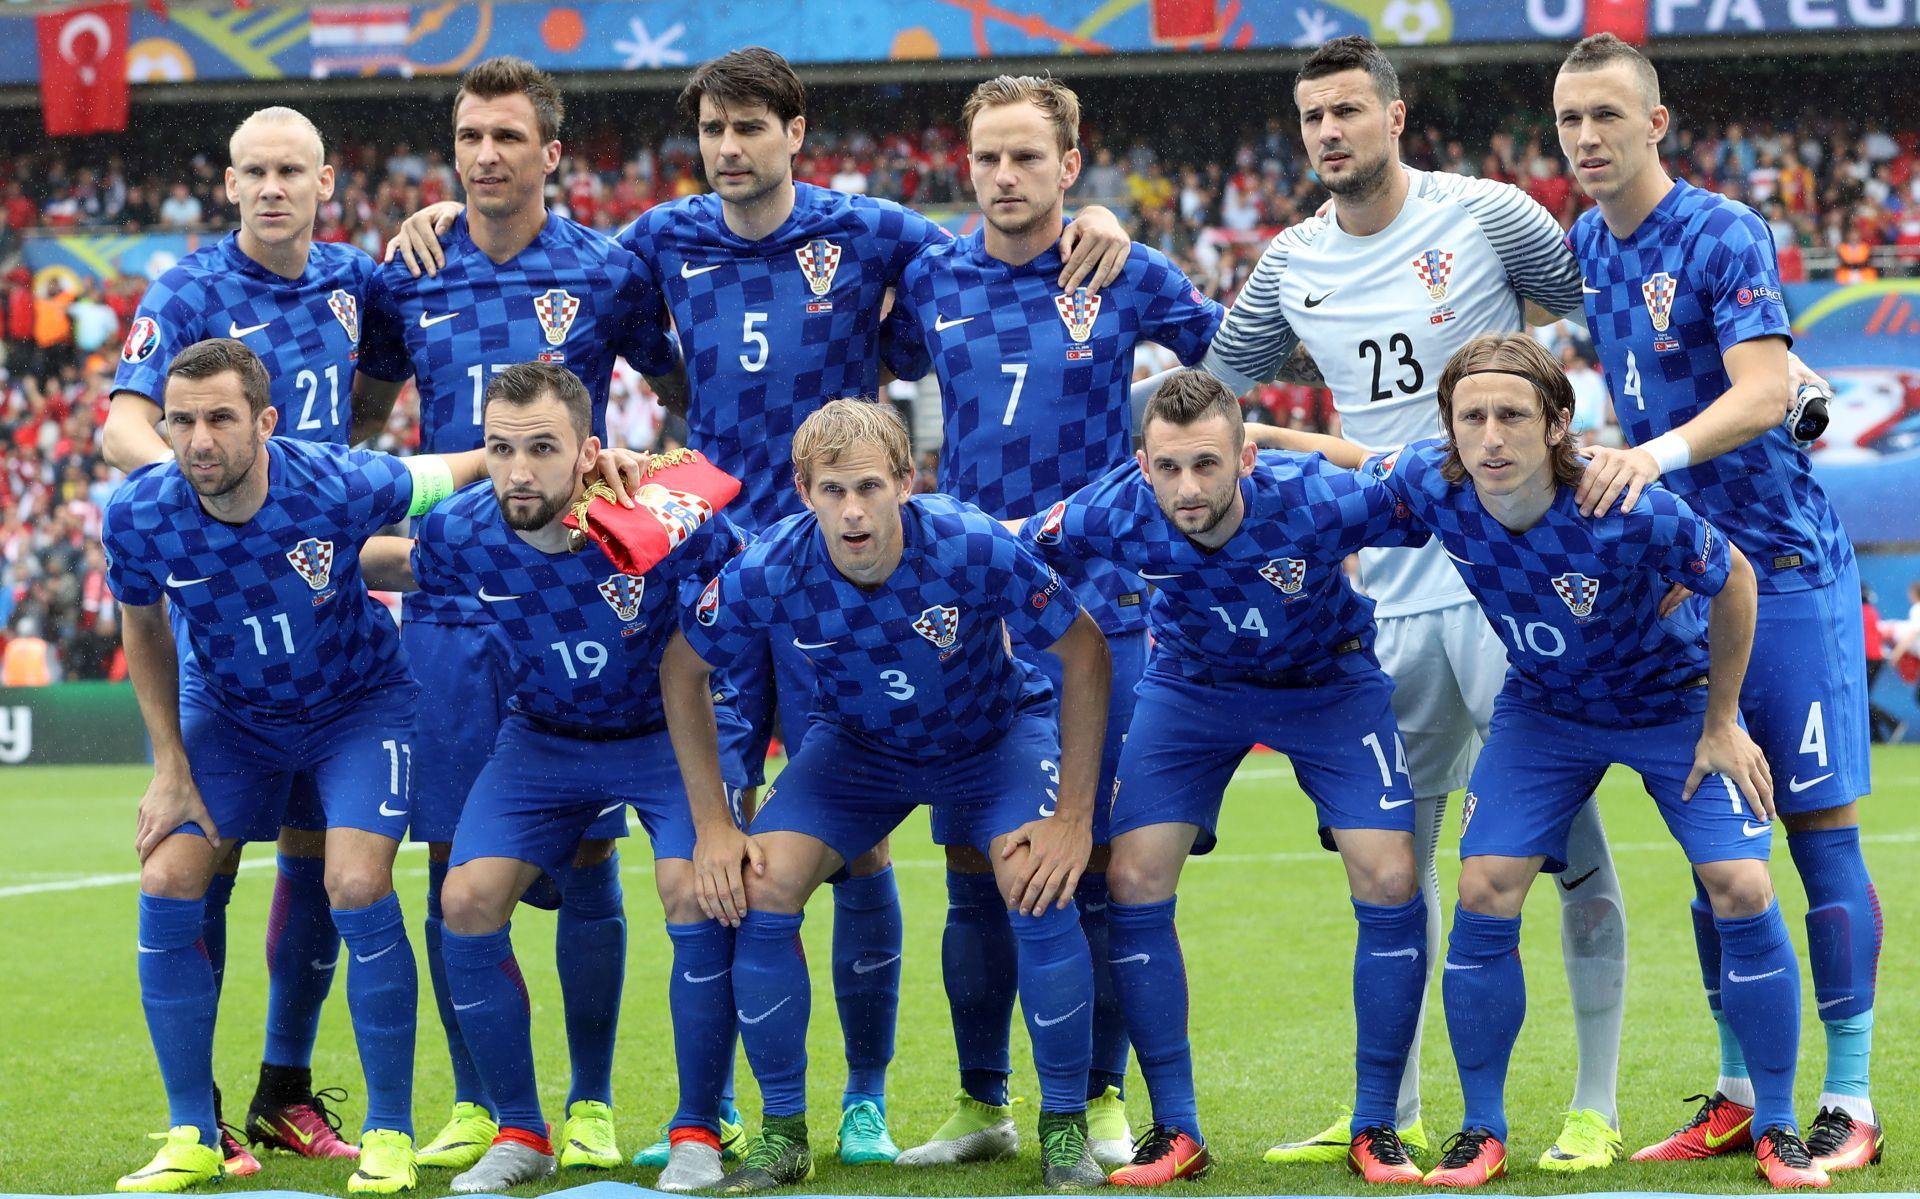 FIFA LJESTVICA Hrvatska ostala 18., bez promjena u prvih 20